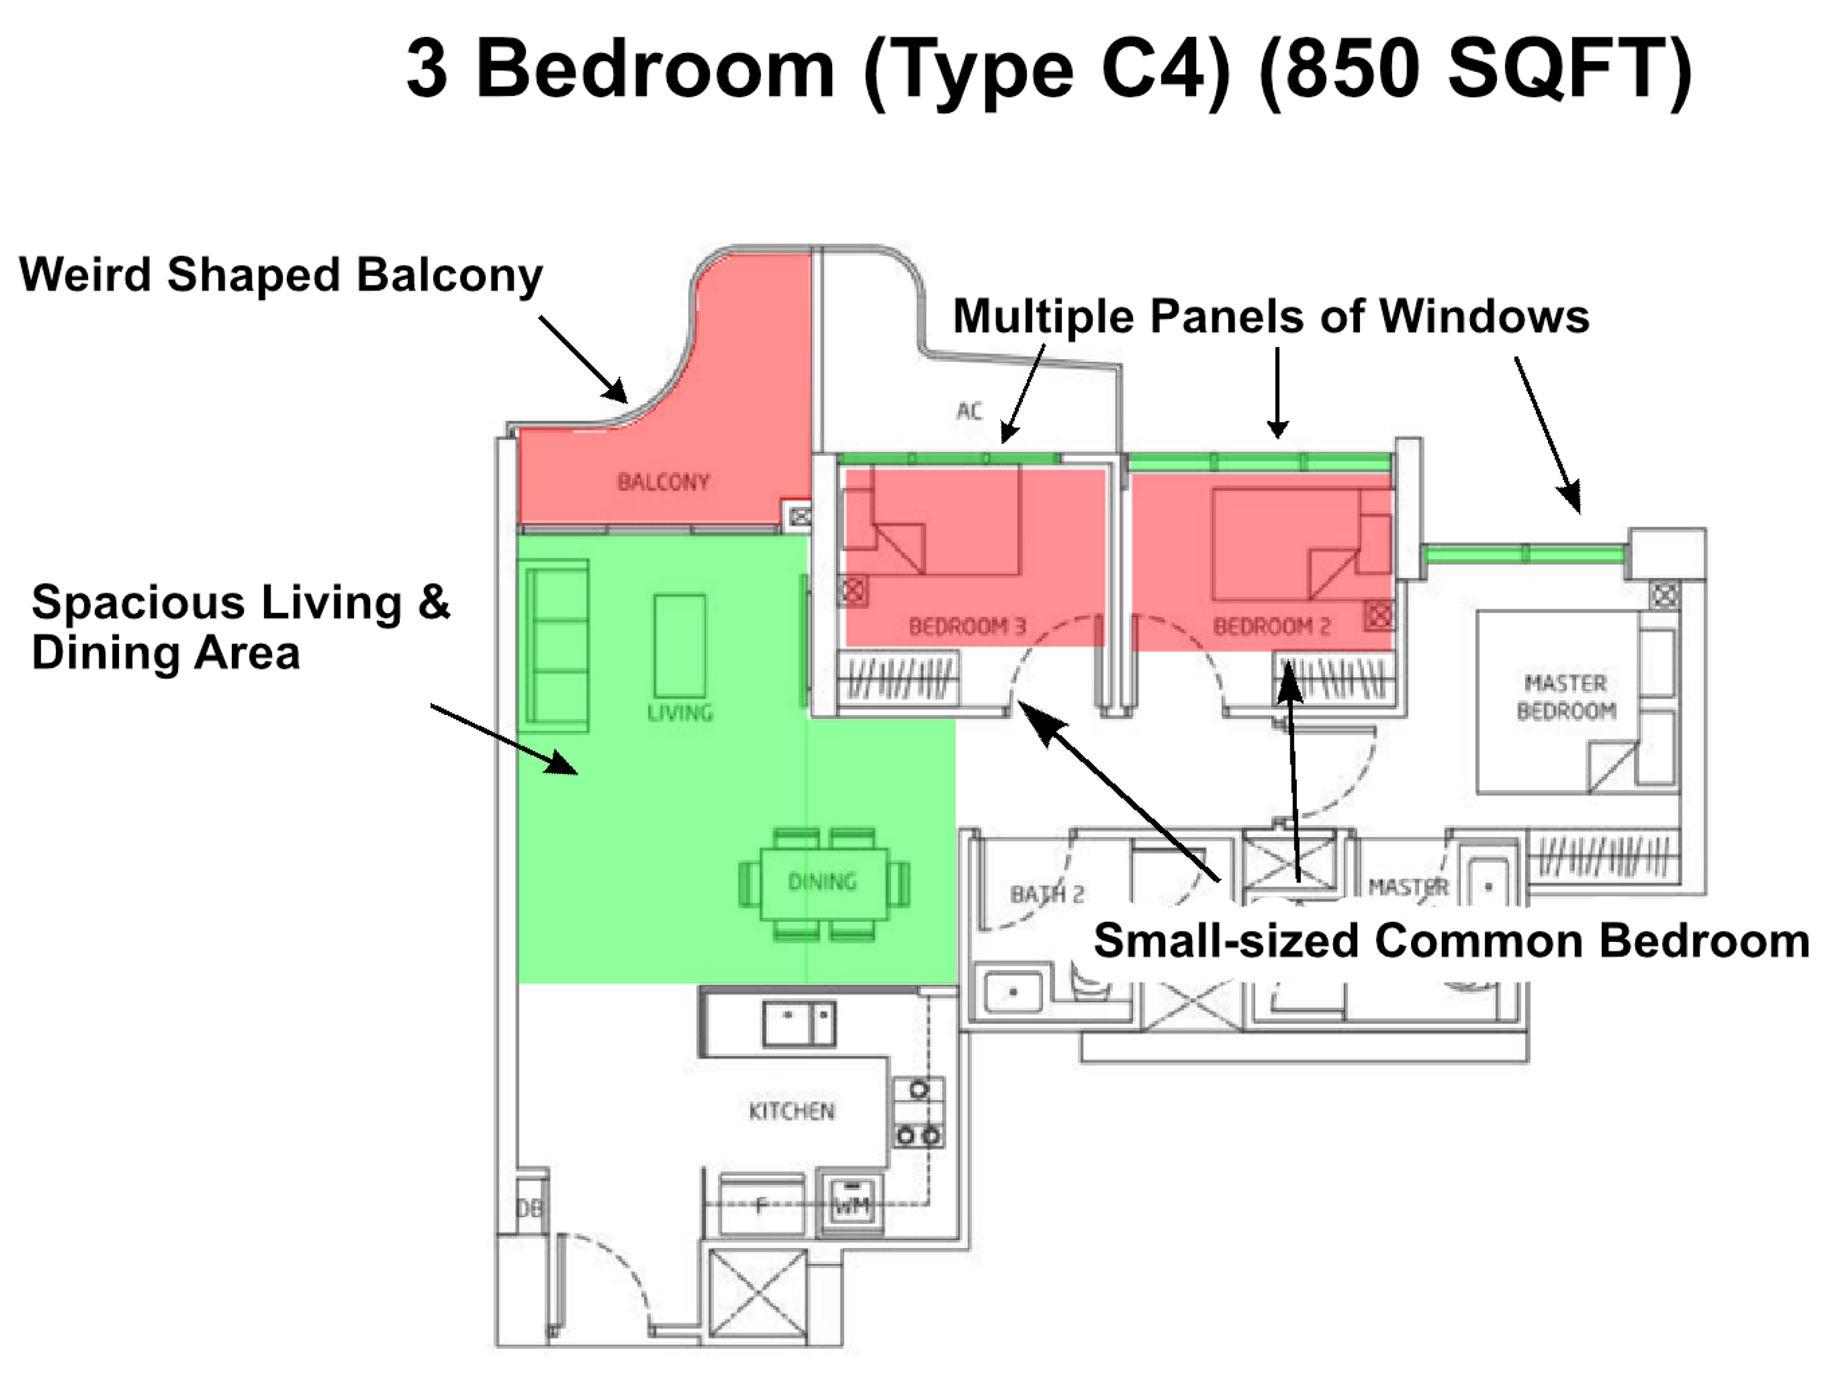 Queens Peak 3 Bedroom Floor Plan Review